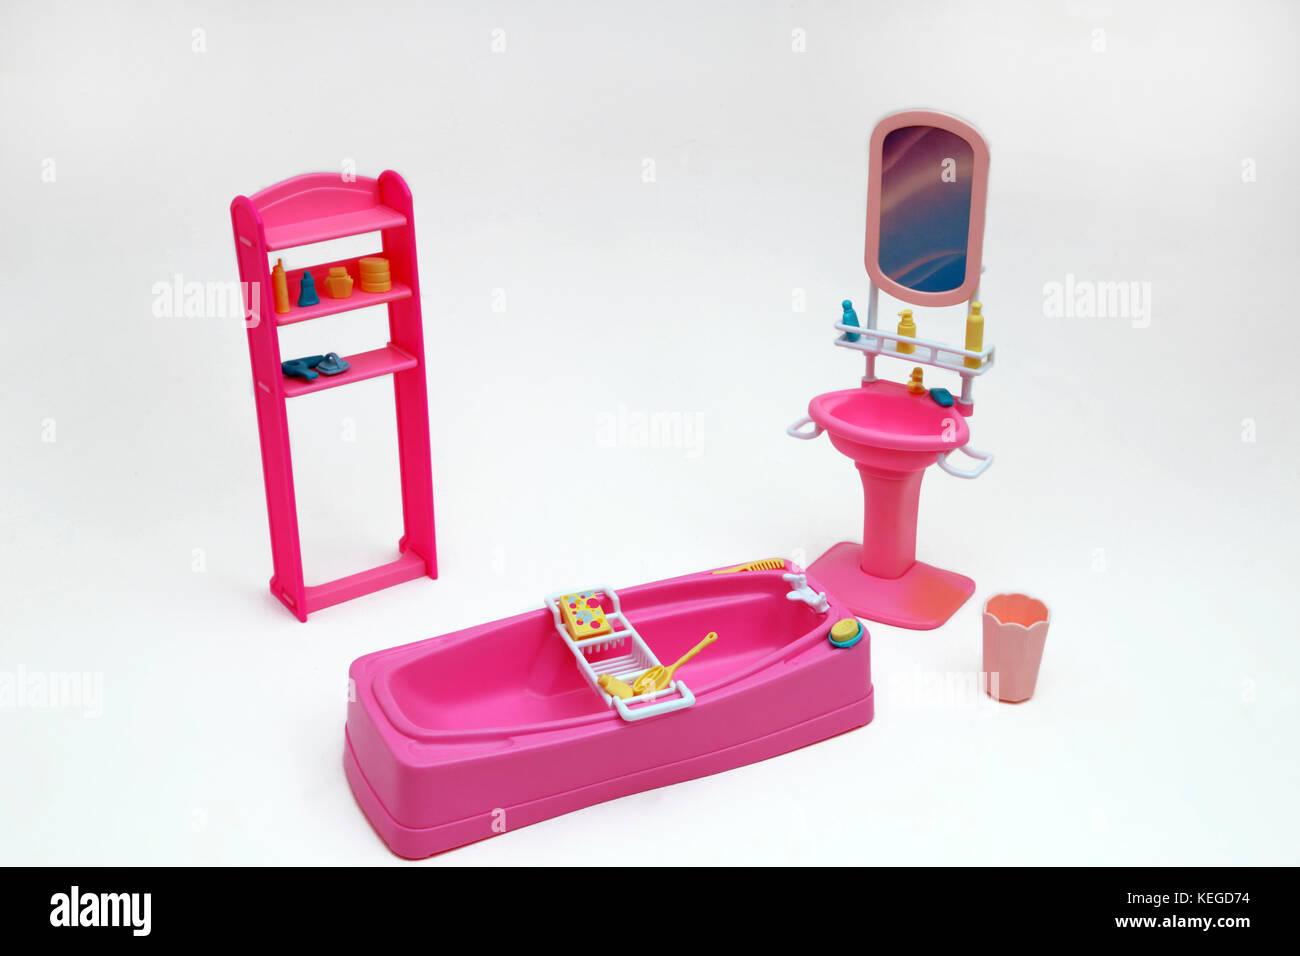 Barbie Der Neunziger Jahre Stockfotos Und Bilder Kaufen Alamy